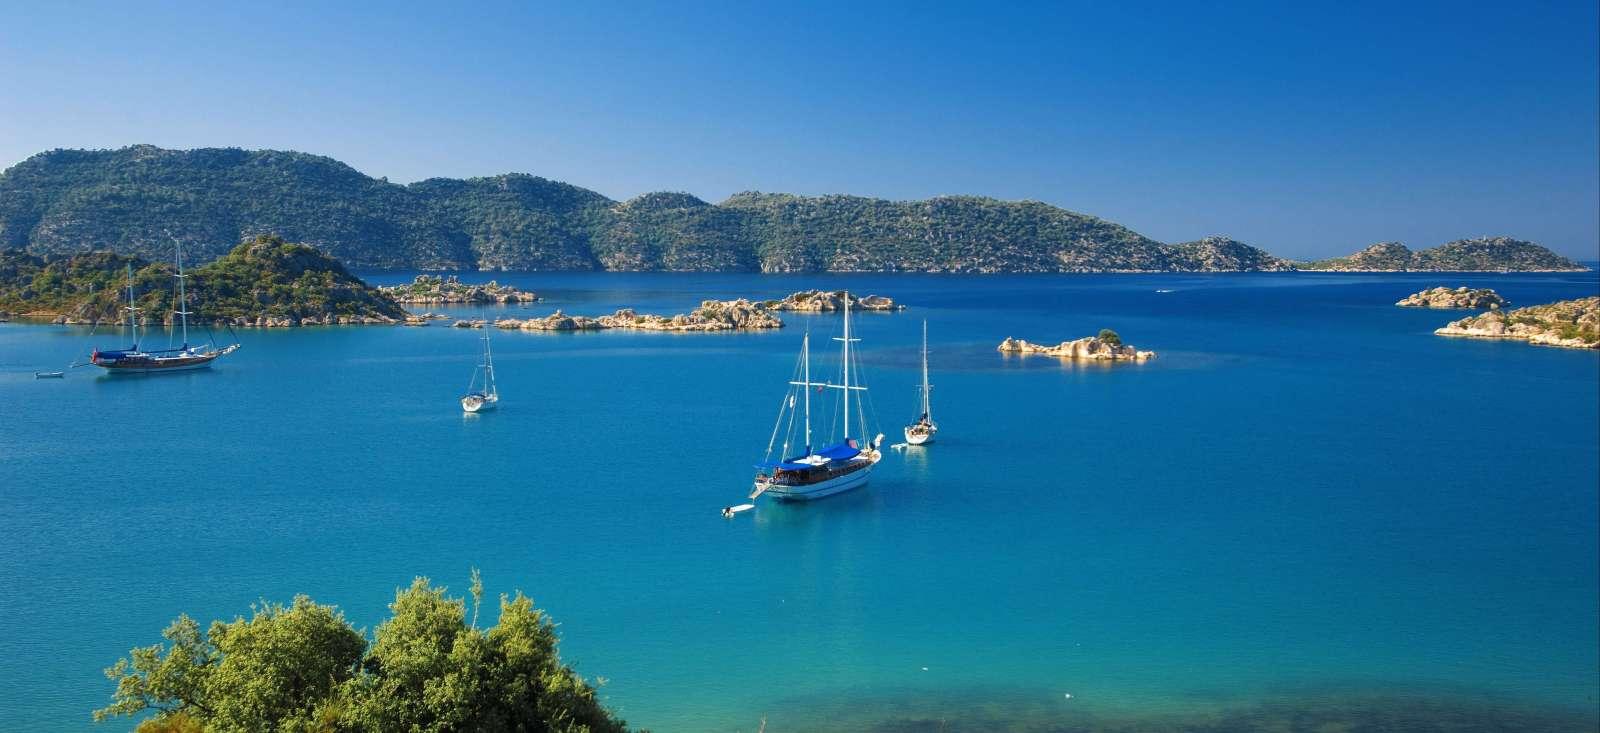 Voyage à pied : Rando-bateau en mer turquoise